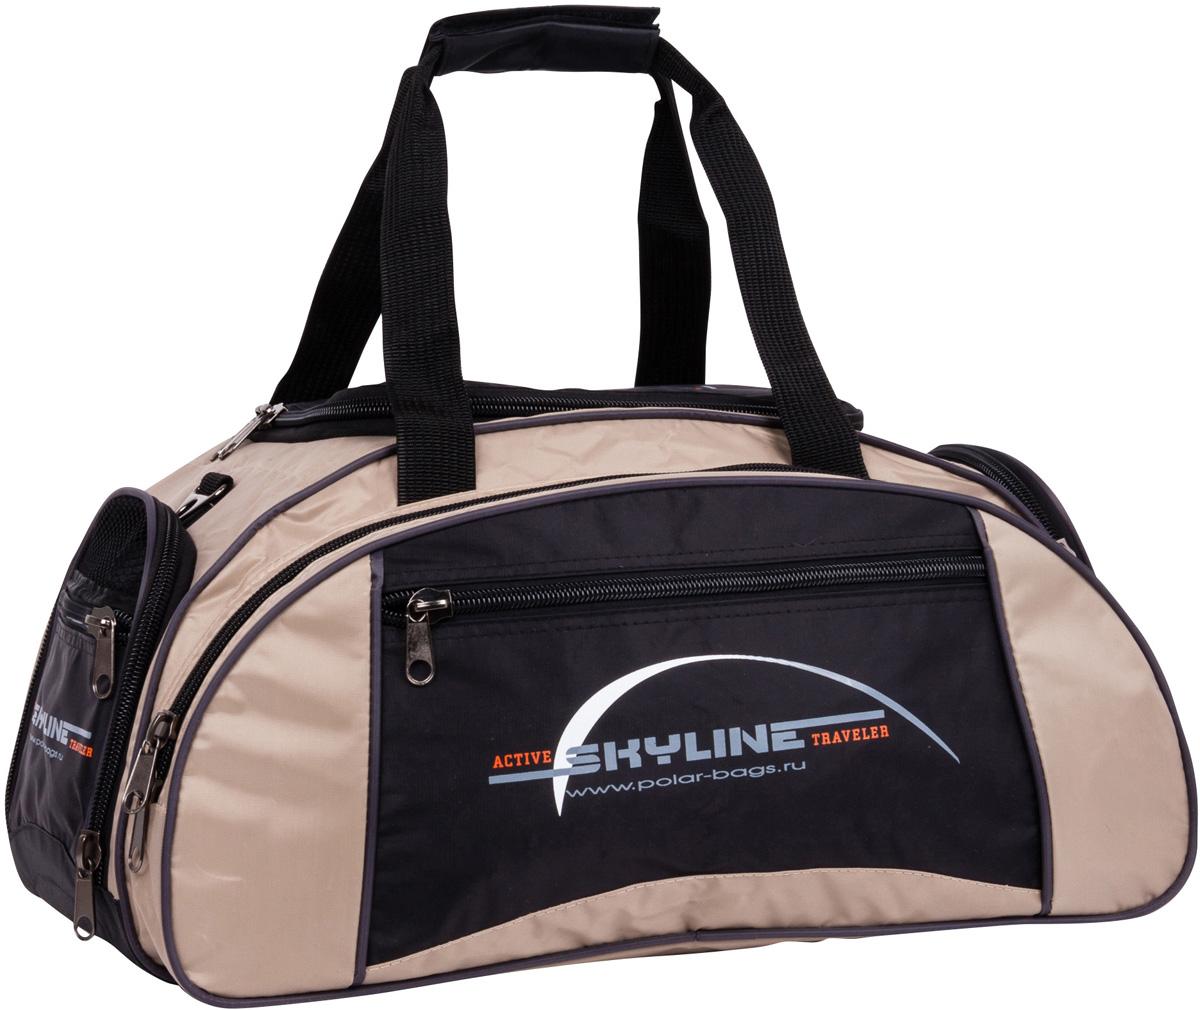 Сумка спортивная Polar Скайлайн, цвет: черный, бежевый, 36 л, 50 х 24 х 30 см. 6063ГризлиСпортивная сумка для ваших вещей. Большое отделение под вещи, плюс три кармана снаружи сумки, позволит вместить в сумку самые необходимые вещи. Карман сбоку под обувь. Имеется плечевой ремень.